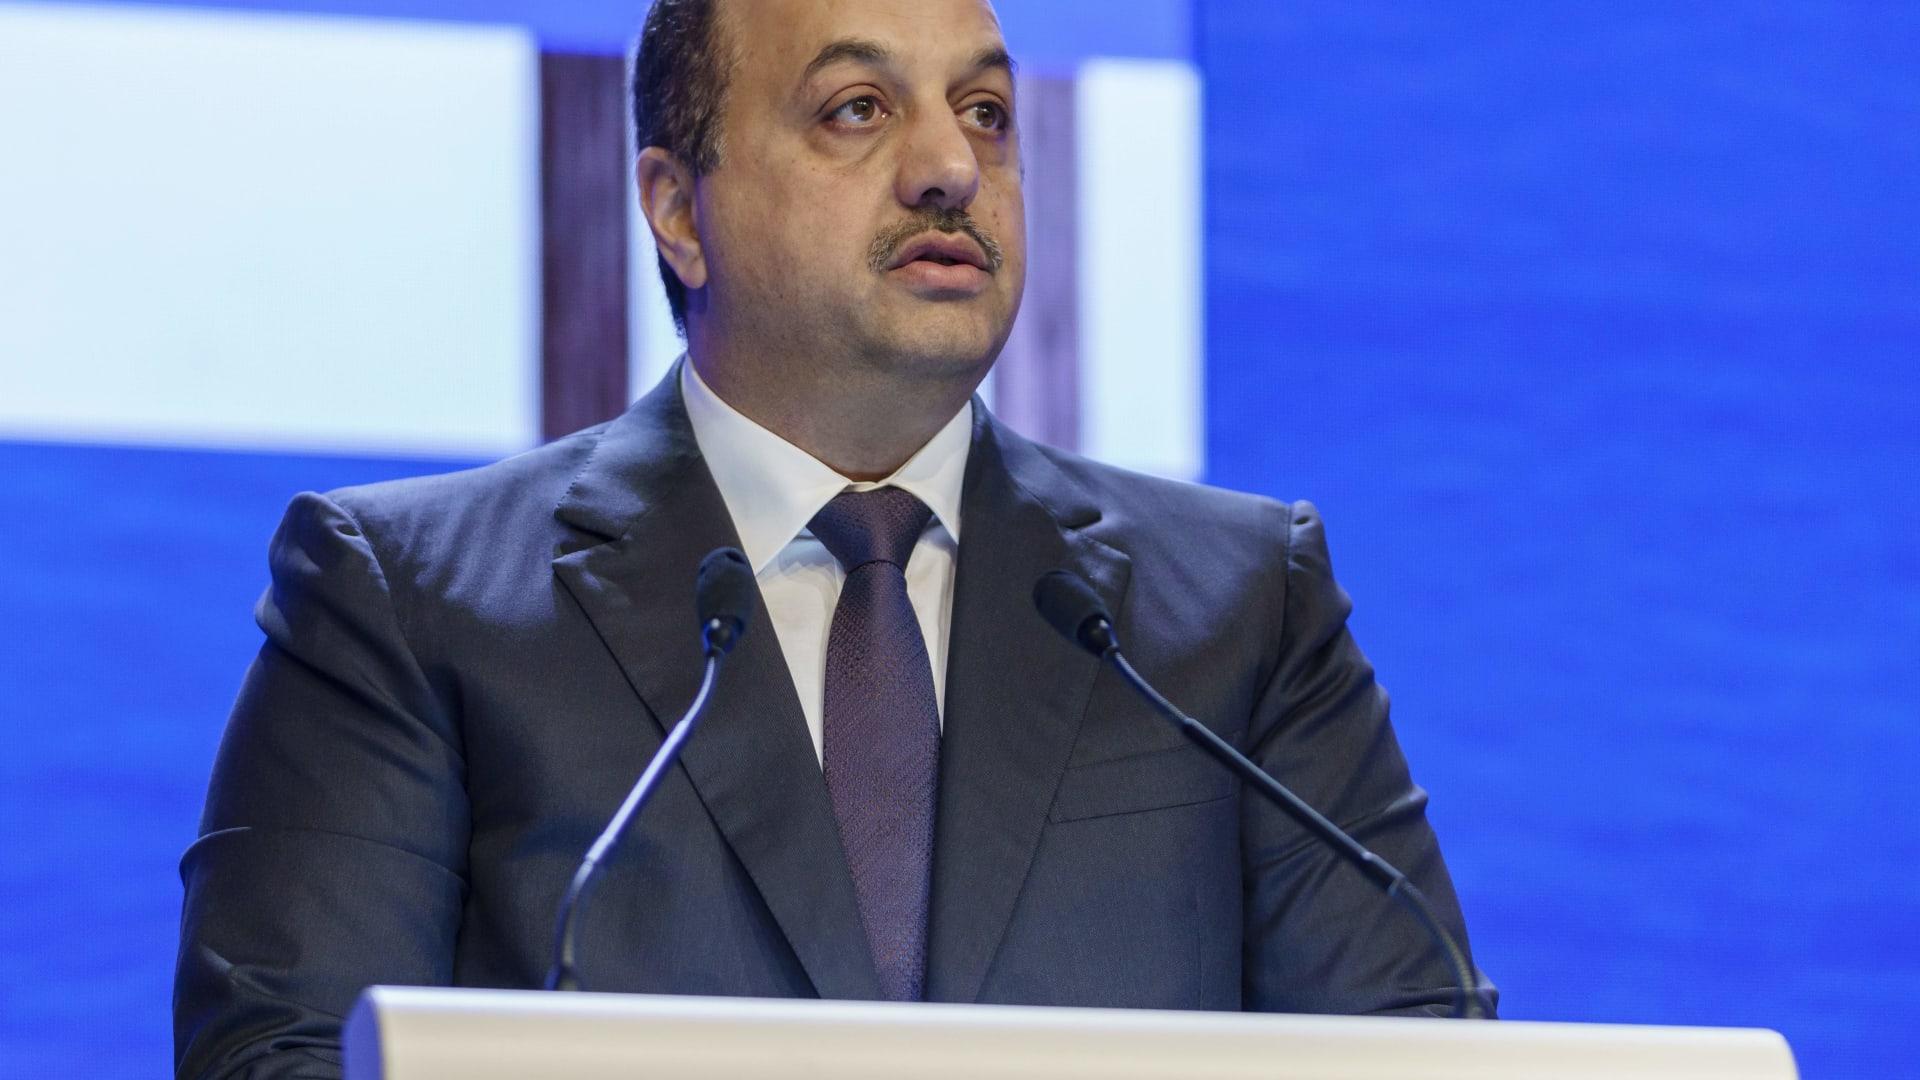 وزير دفاع قطر: لم نفكر مطلقا بدفاع الحلفاء عنا.. ولا يهمنا أي تهديدات